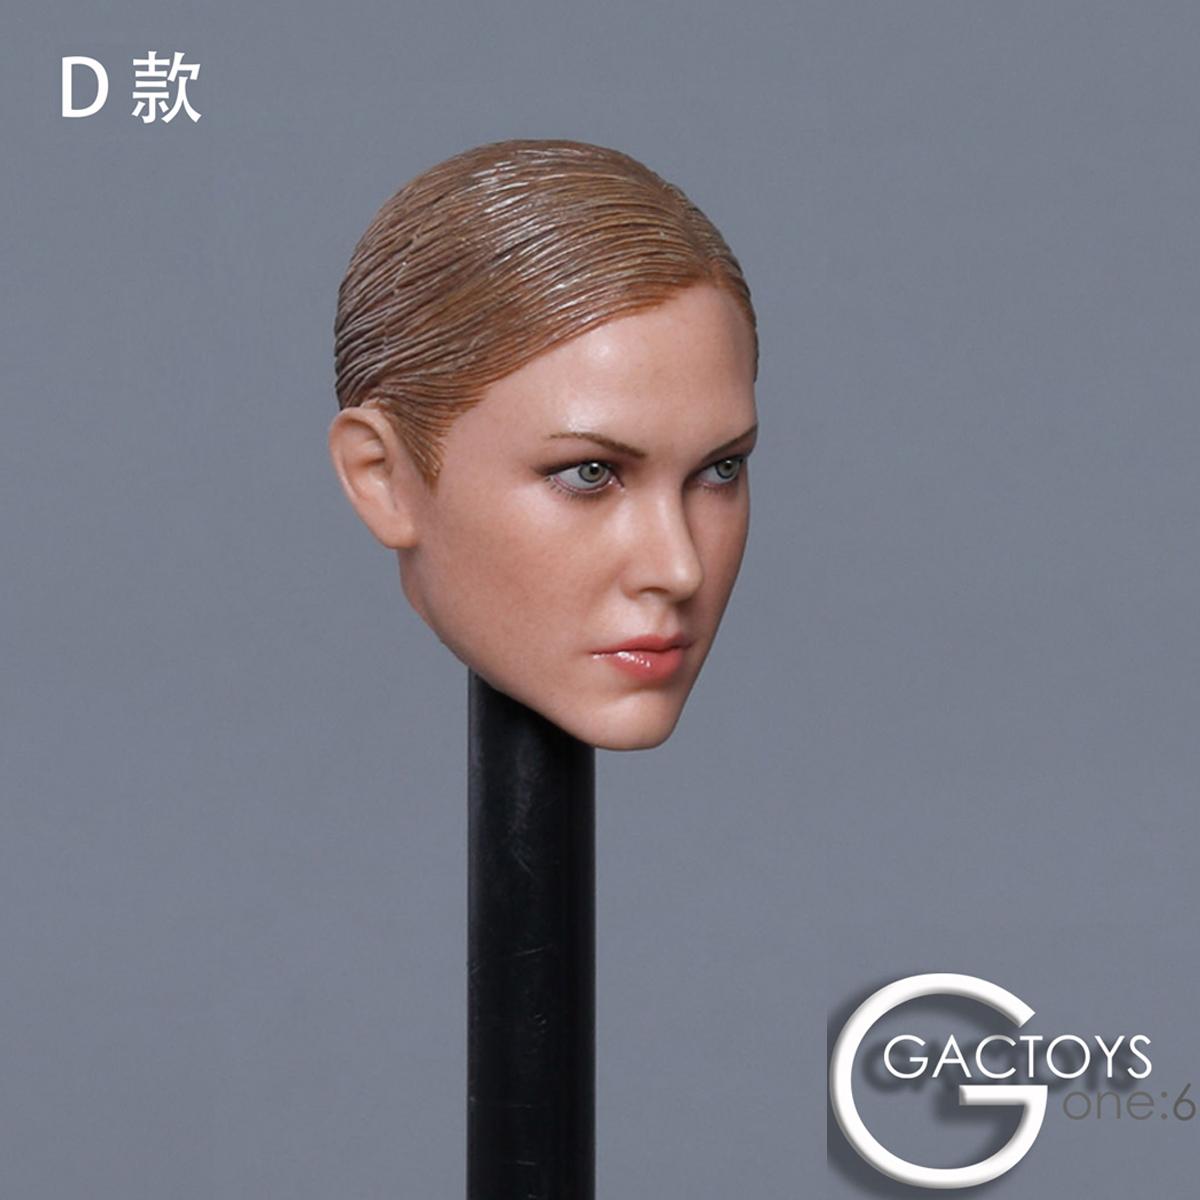 """GACTOYS GC024C 1//6 Scale Female Head Sculpt fit for 12/"""" Action Figure"""